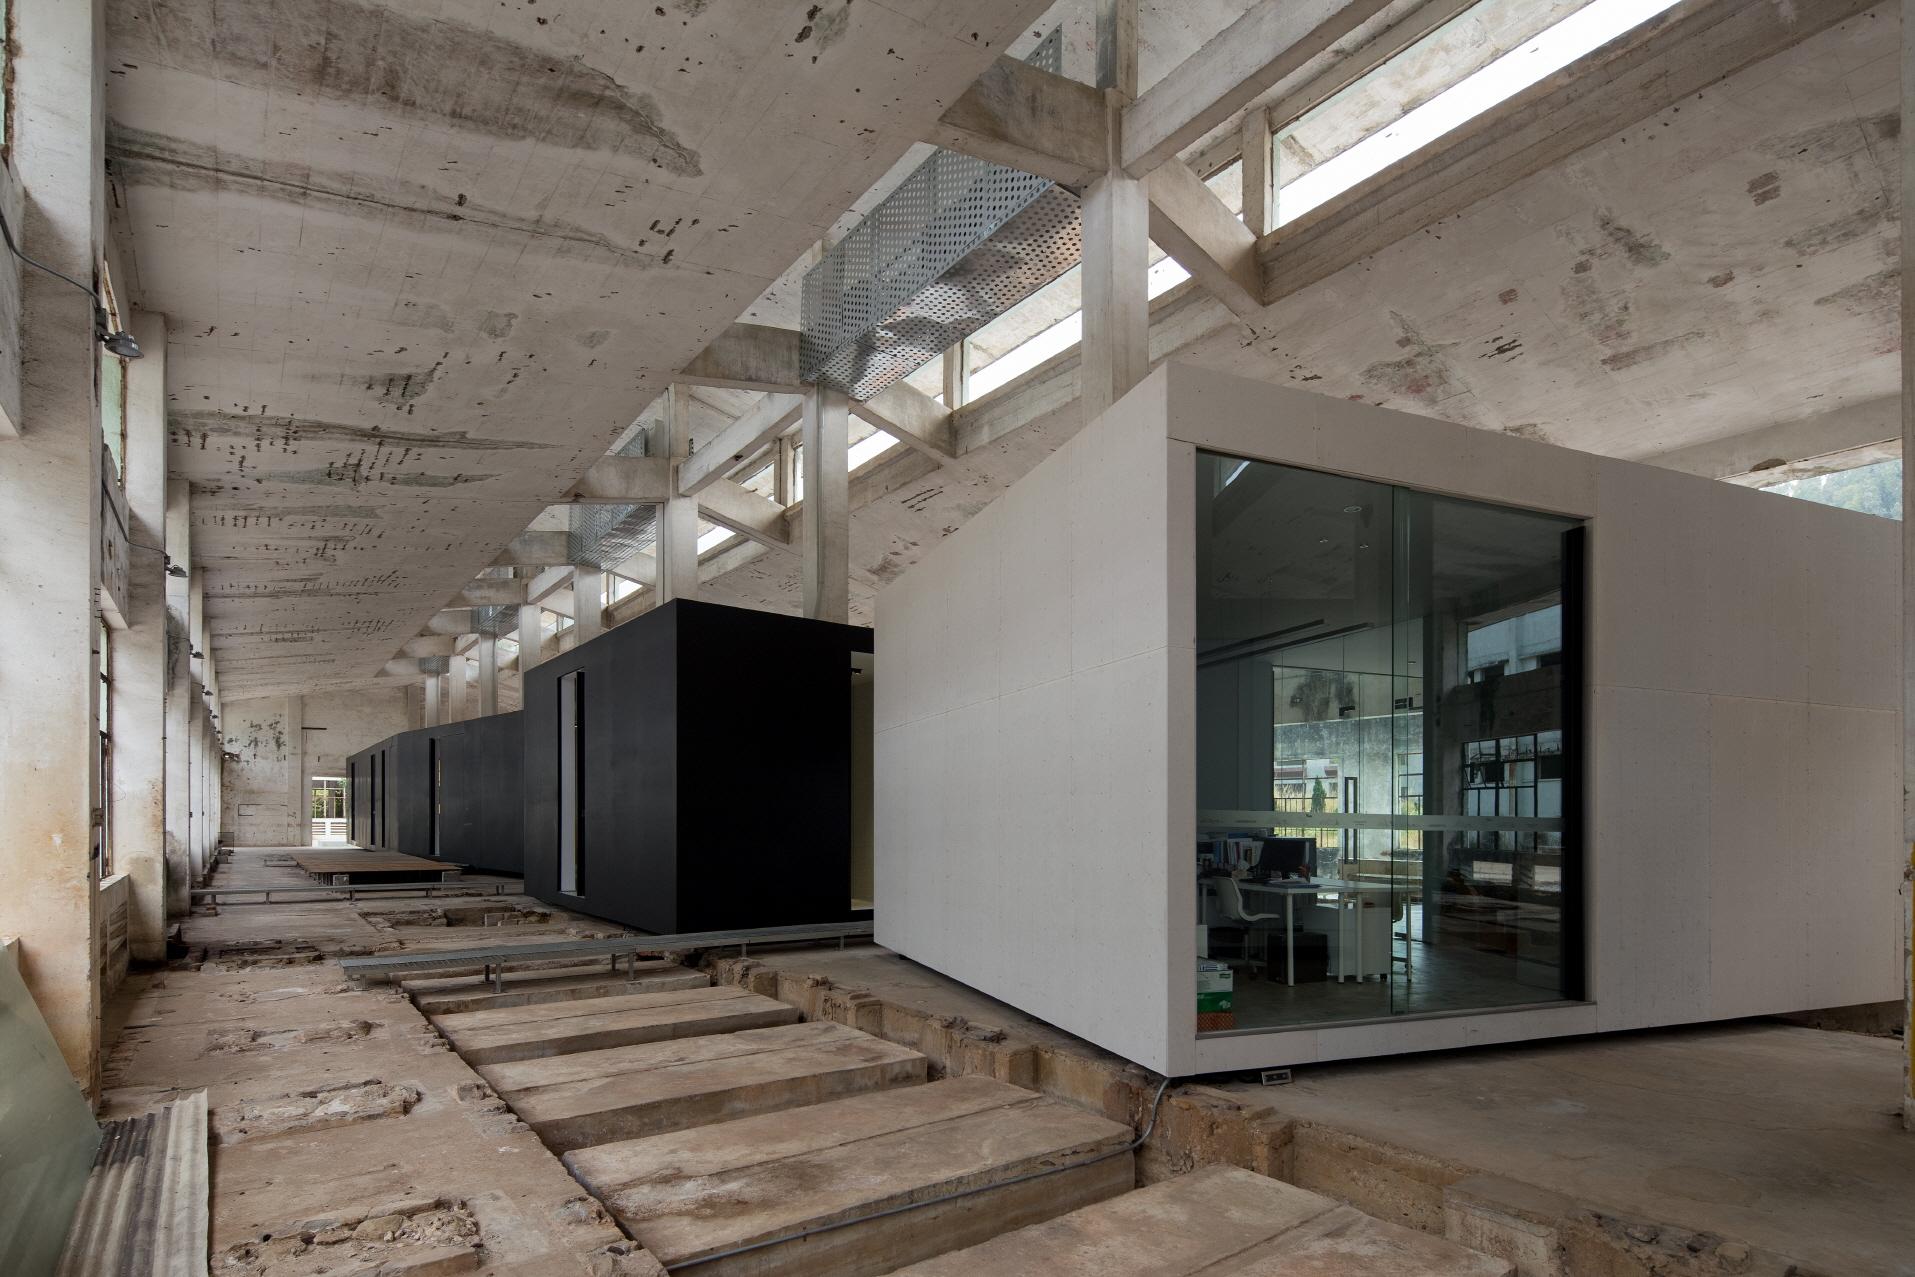 〔안정원의 디자인 칼럼〕 낡은 산업시설에서 호텔과 문화공간으로 변모한 재생 프로젝트 3